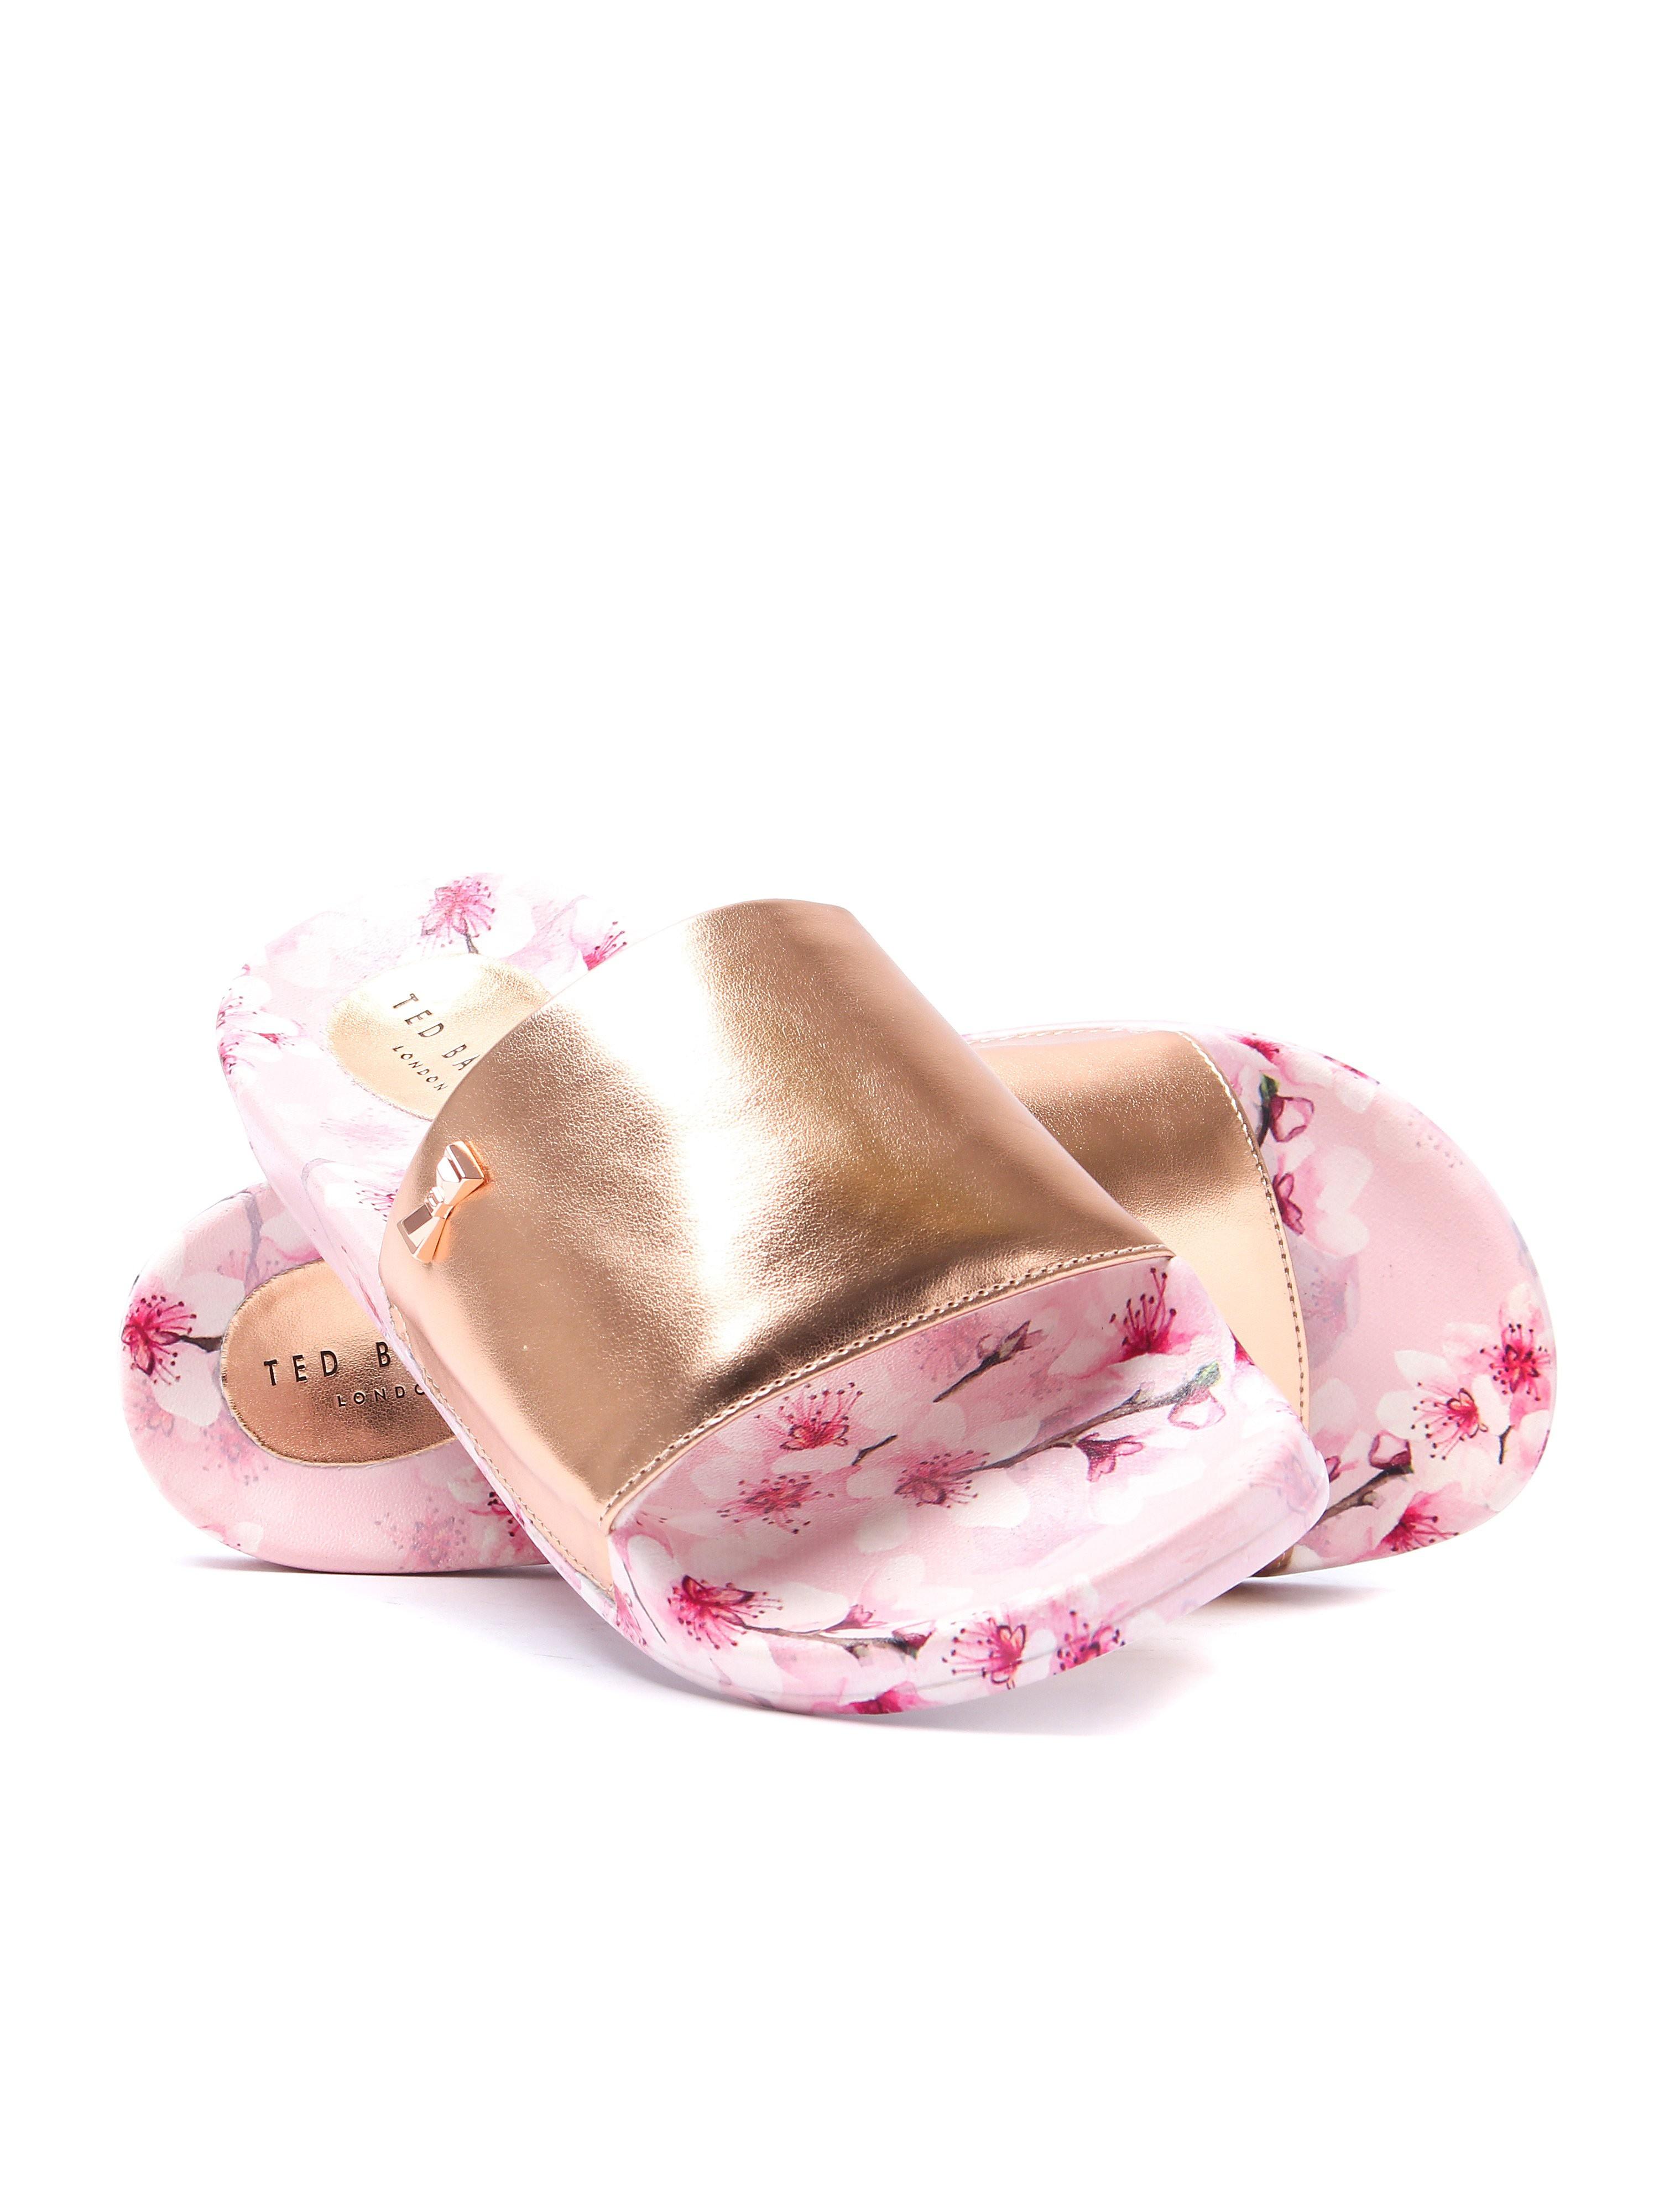 Ted Baker Women's Aveline Slides - Blossom Pink